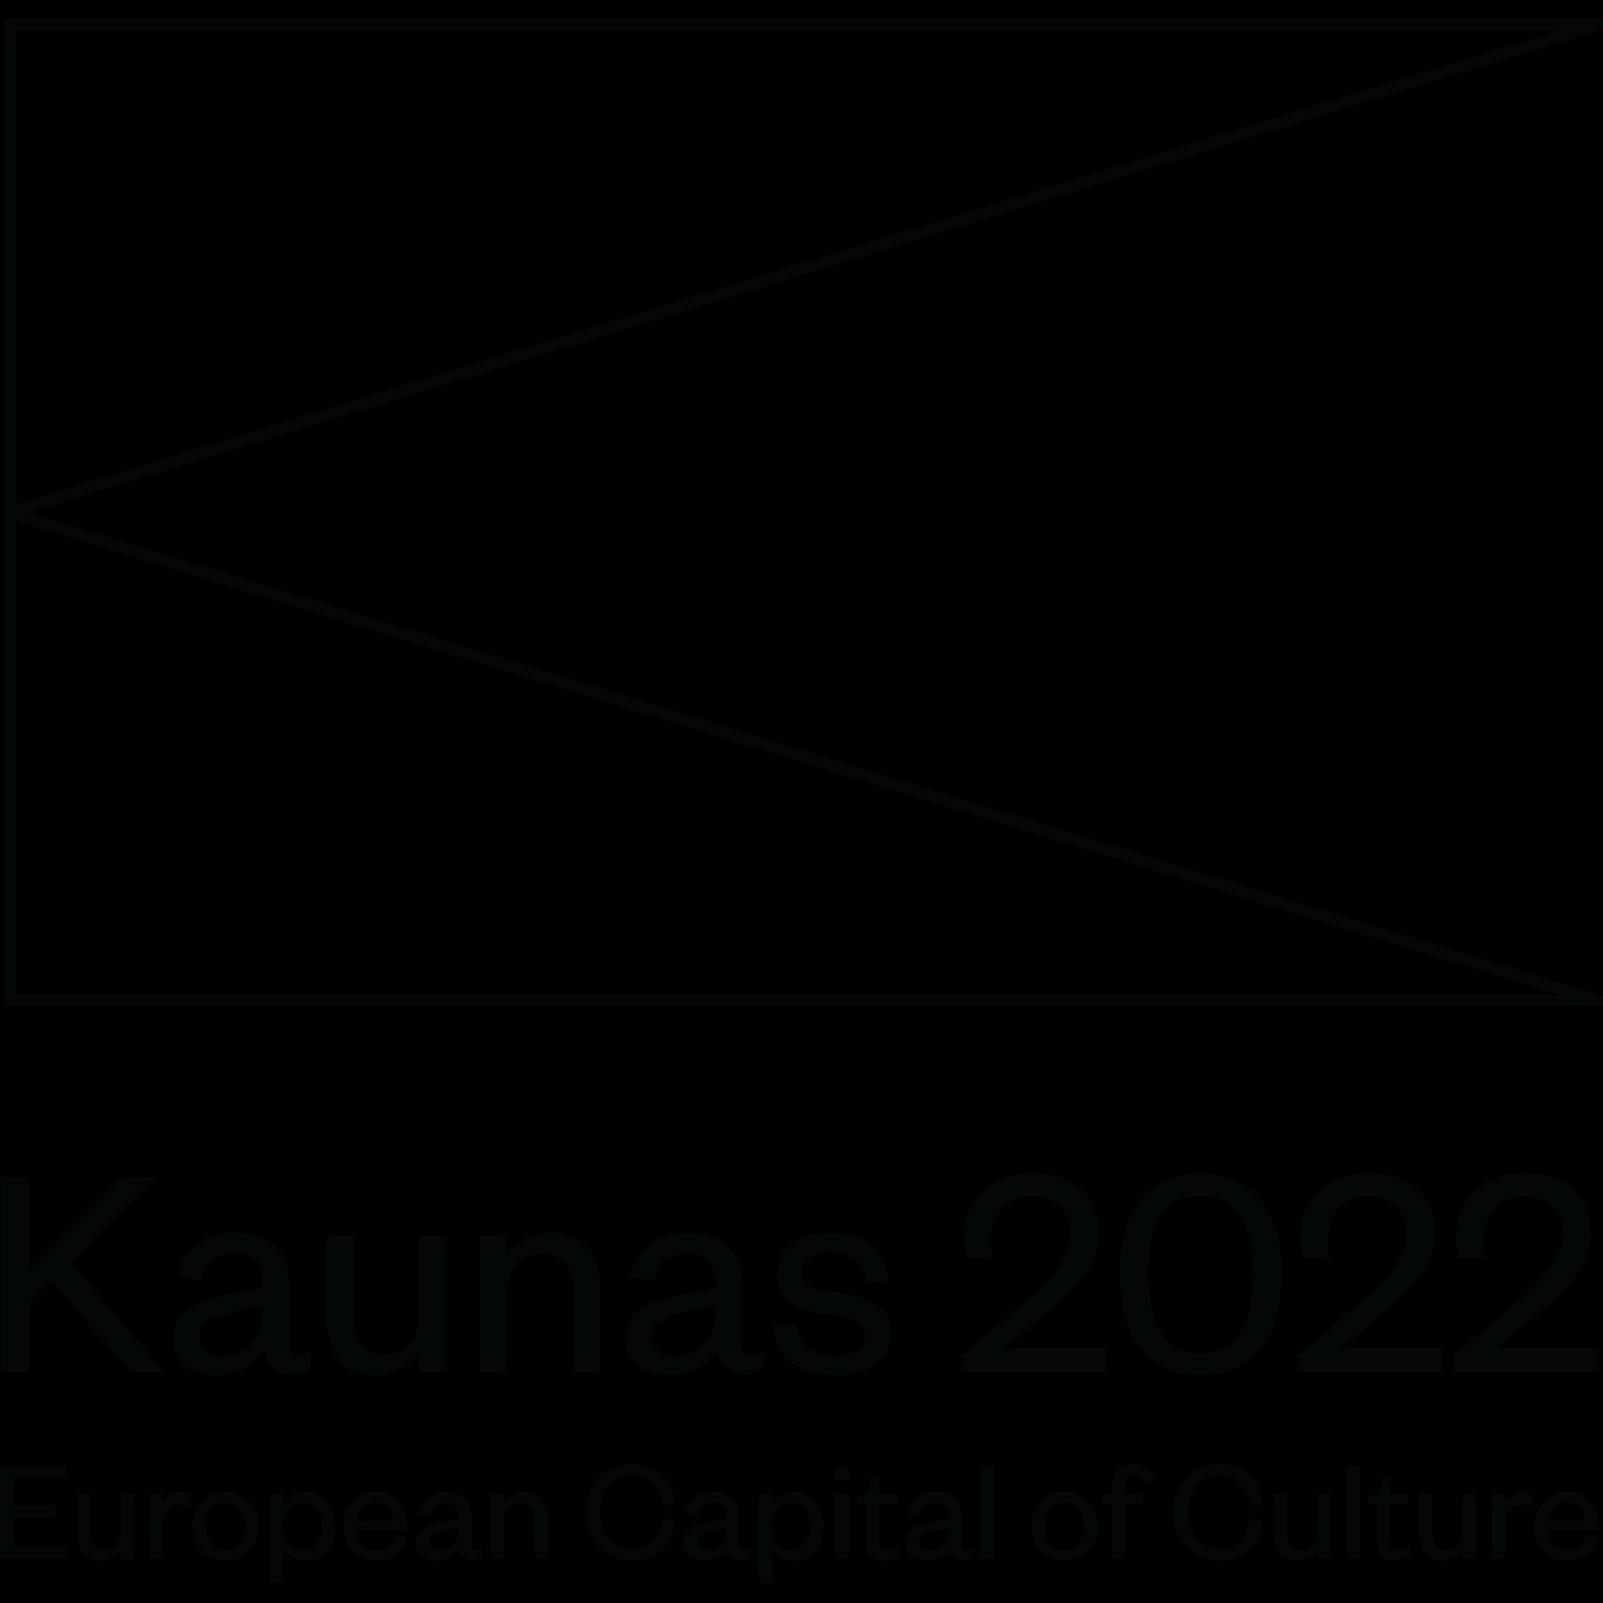 Kaunas2022_EN_1x1